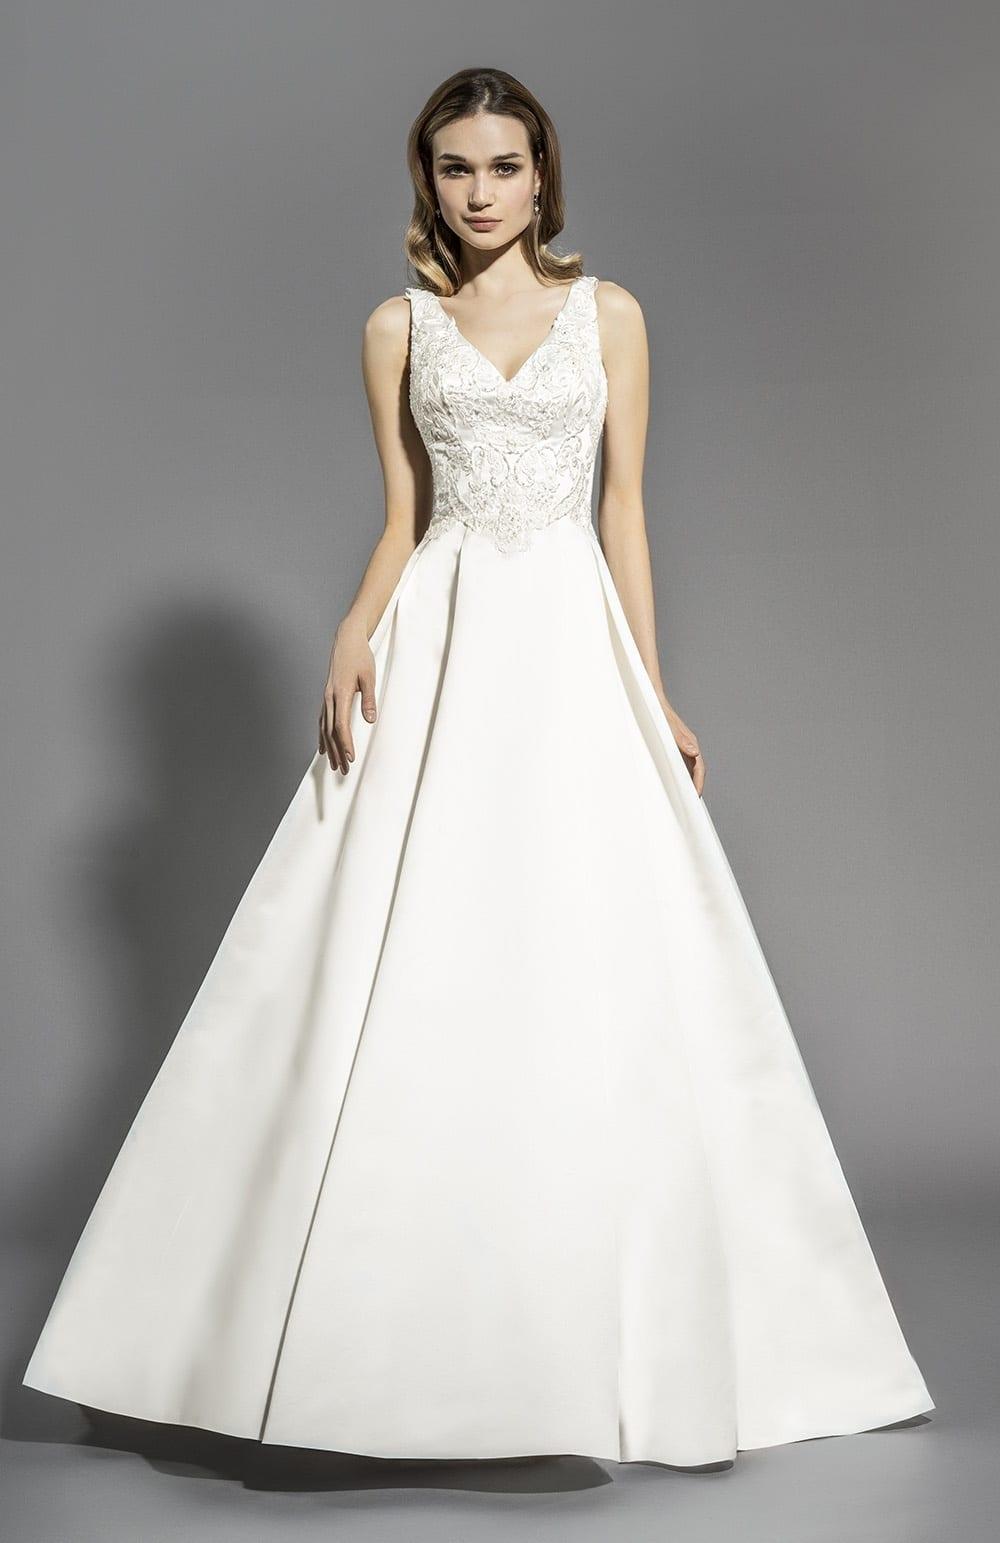 Robe de mariée Modèle Madisson